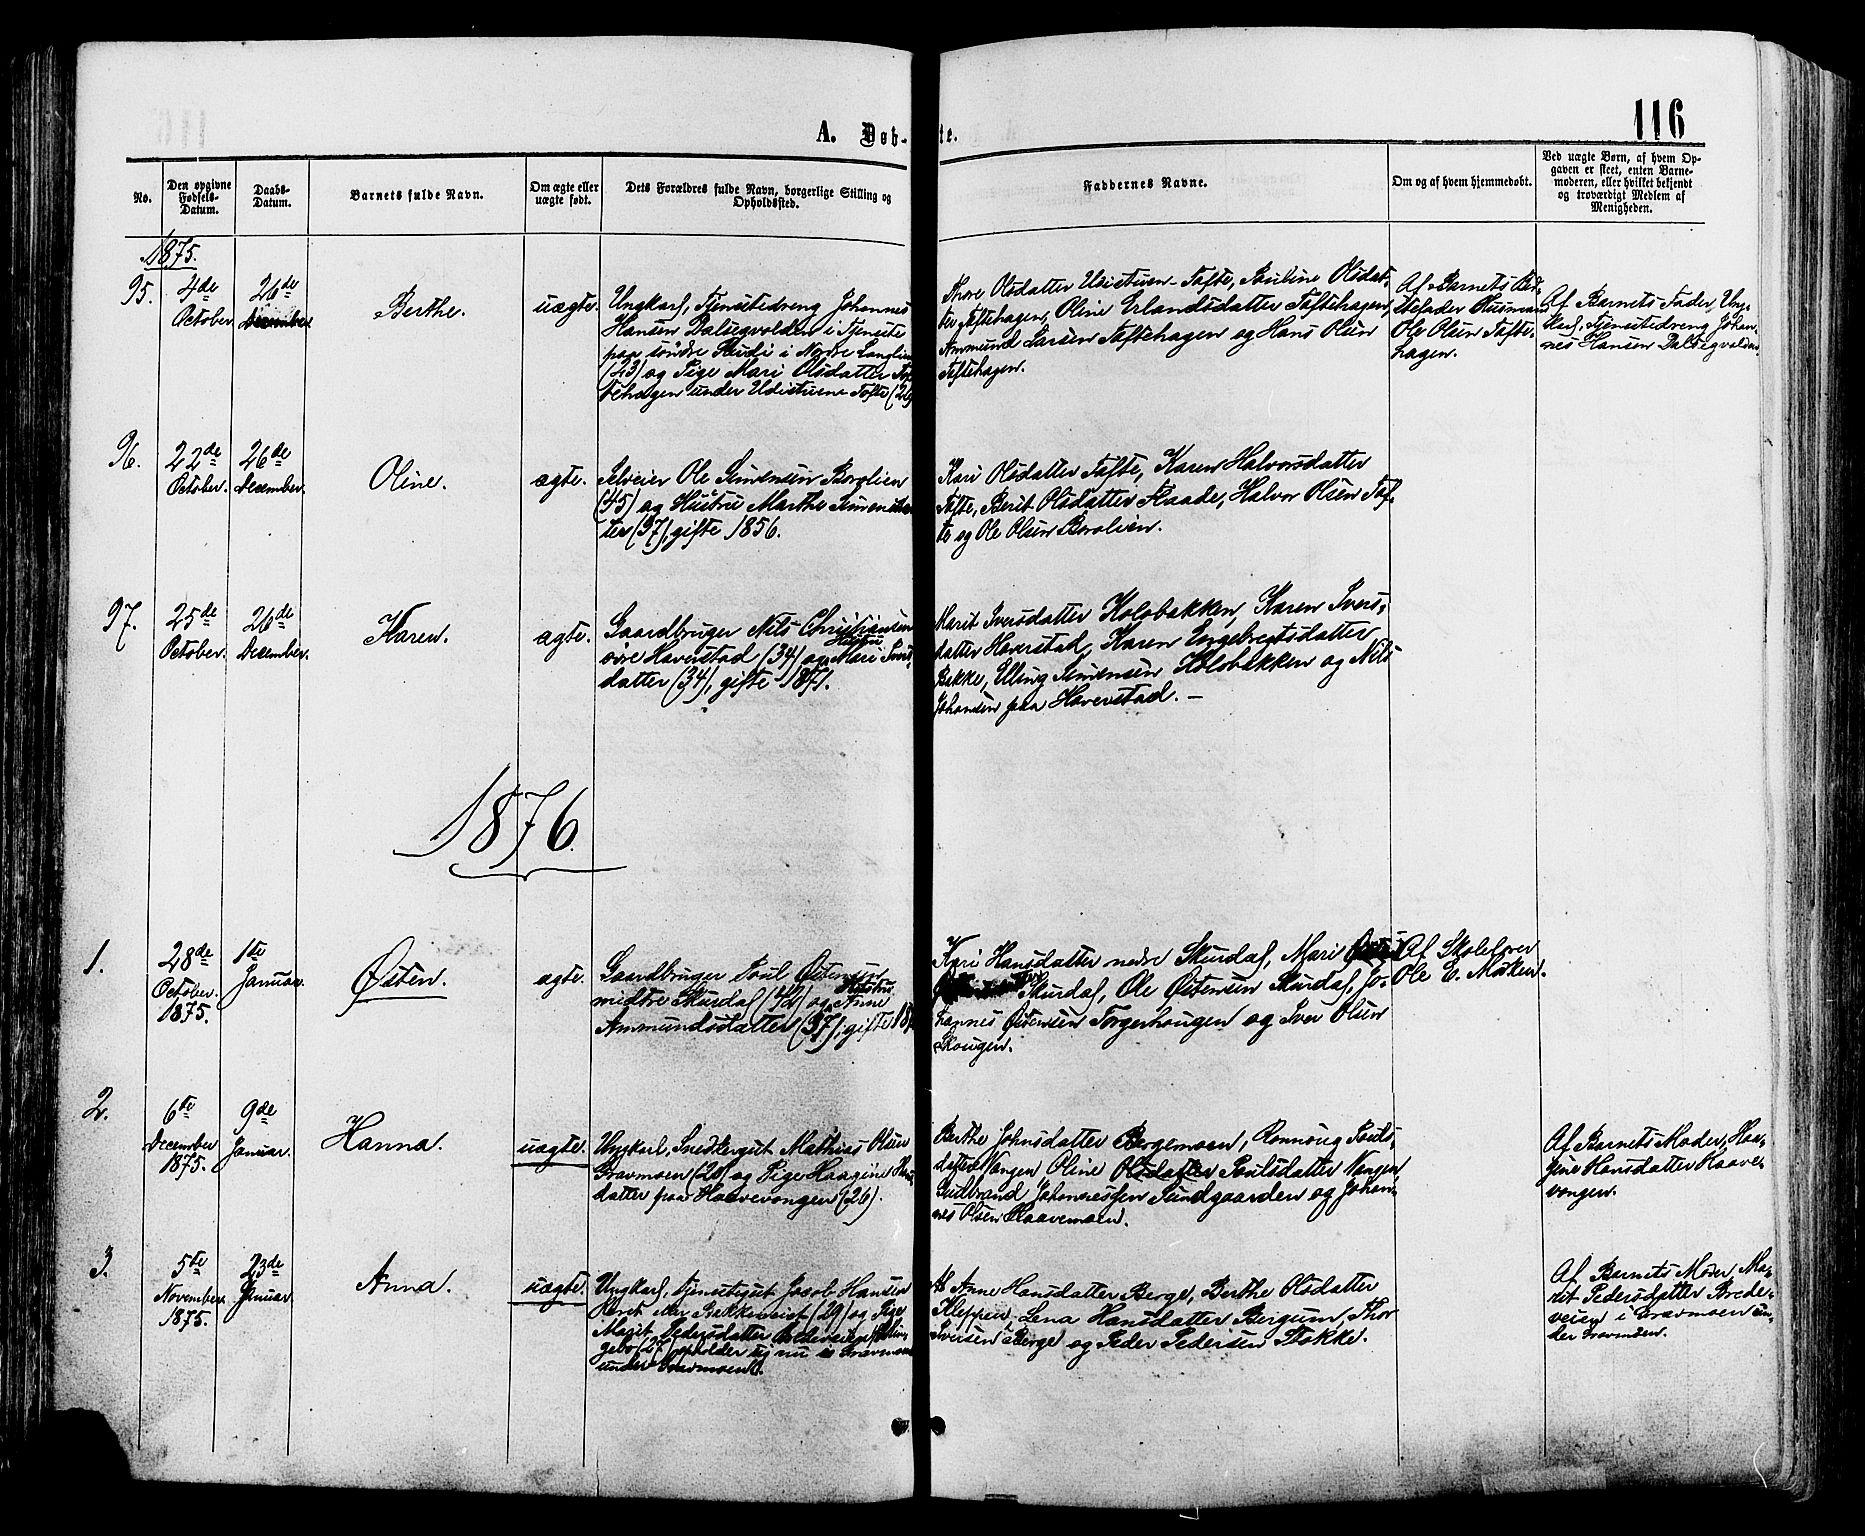 SAH, Sør-Fron prestekontor, H/Ha/Haa/L0002: Ministerialbok nr. 2, 1864-1880, s. 116